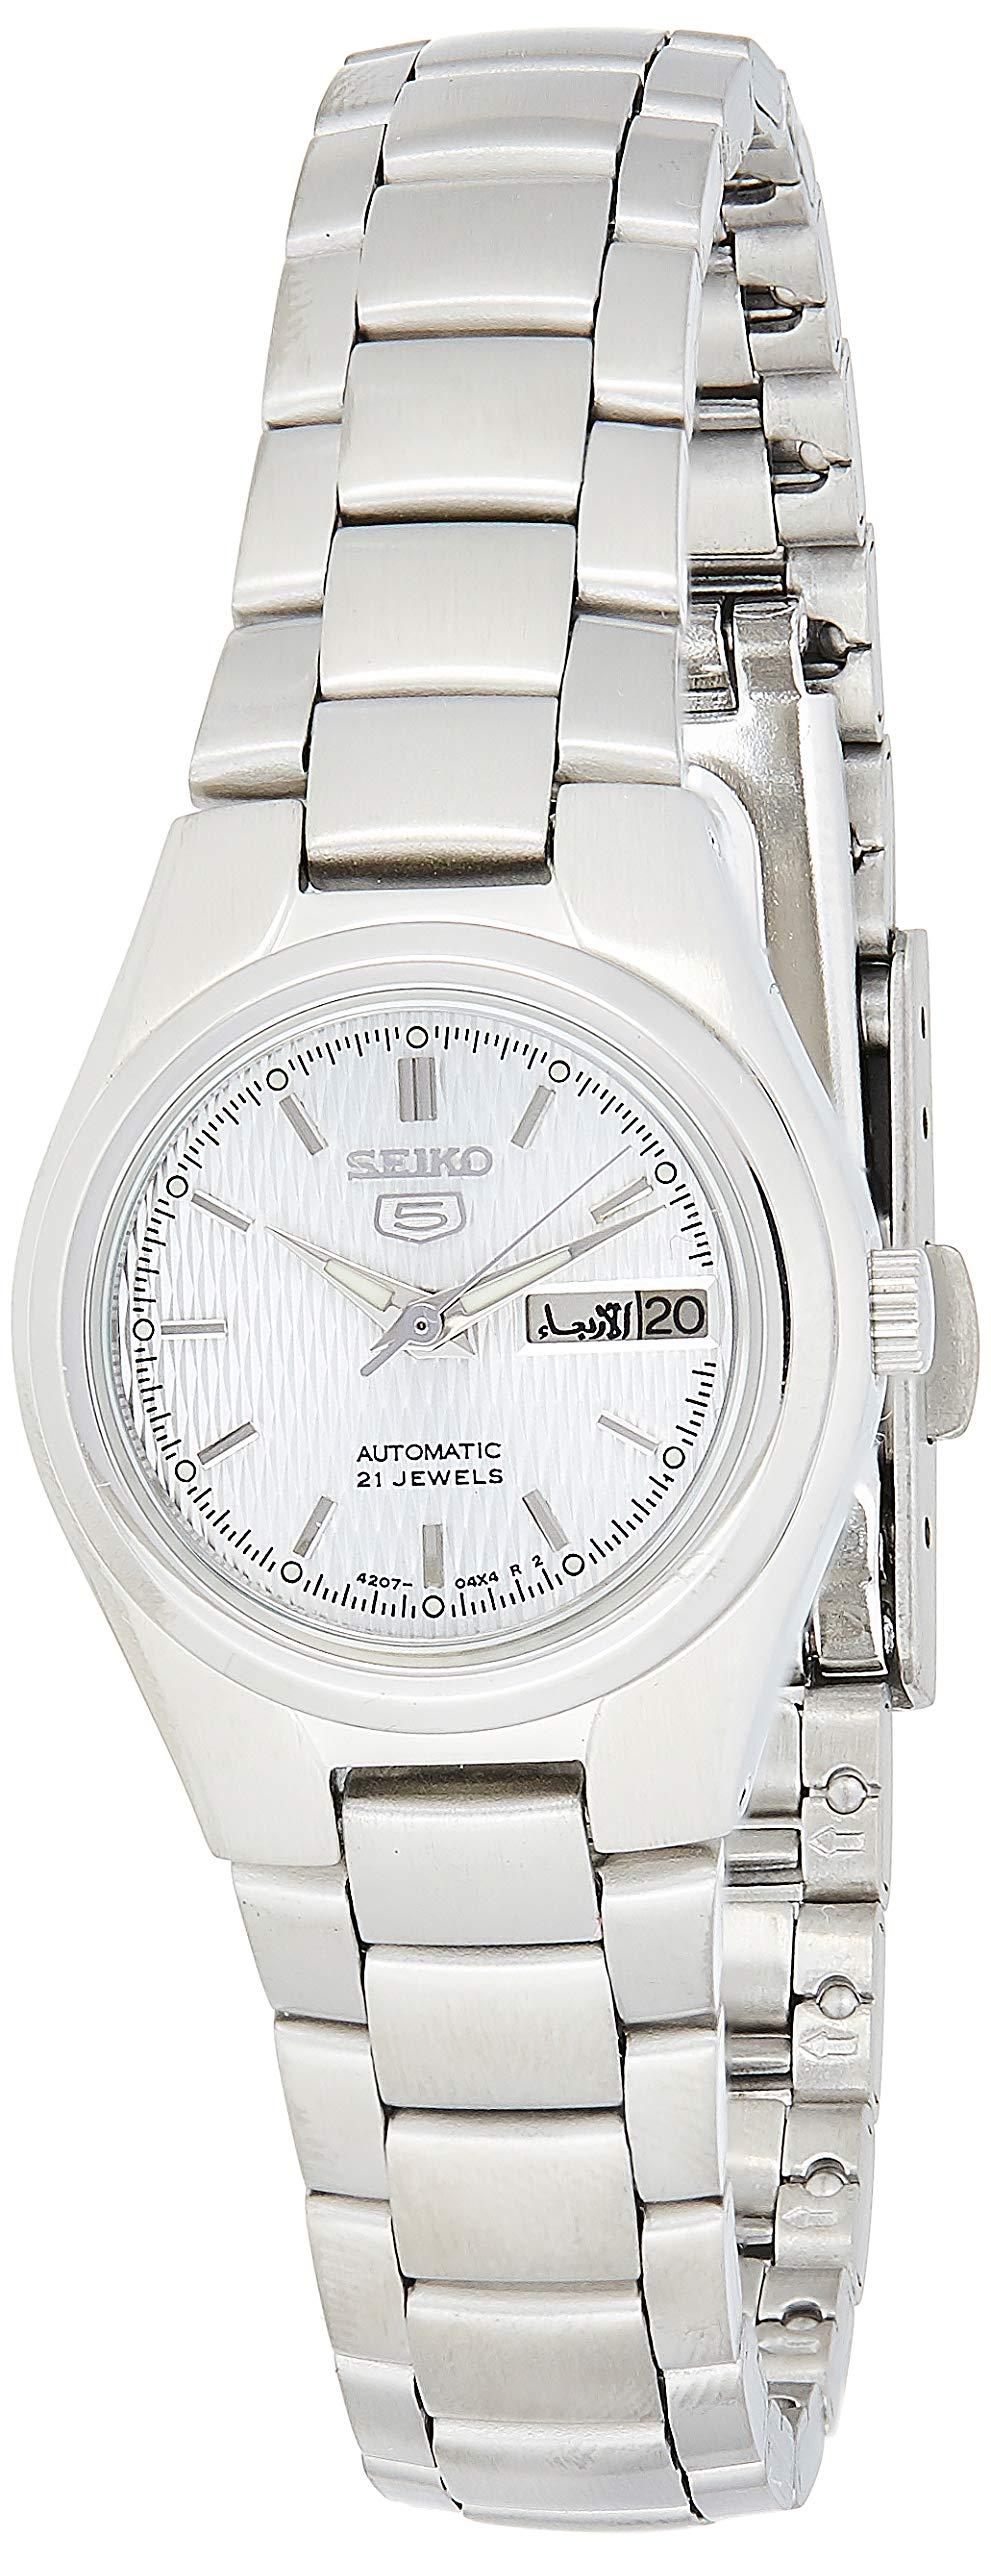 Damen-Uhren Rund Analog Automatik Edelstahl 32003056